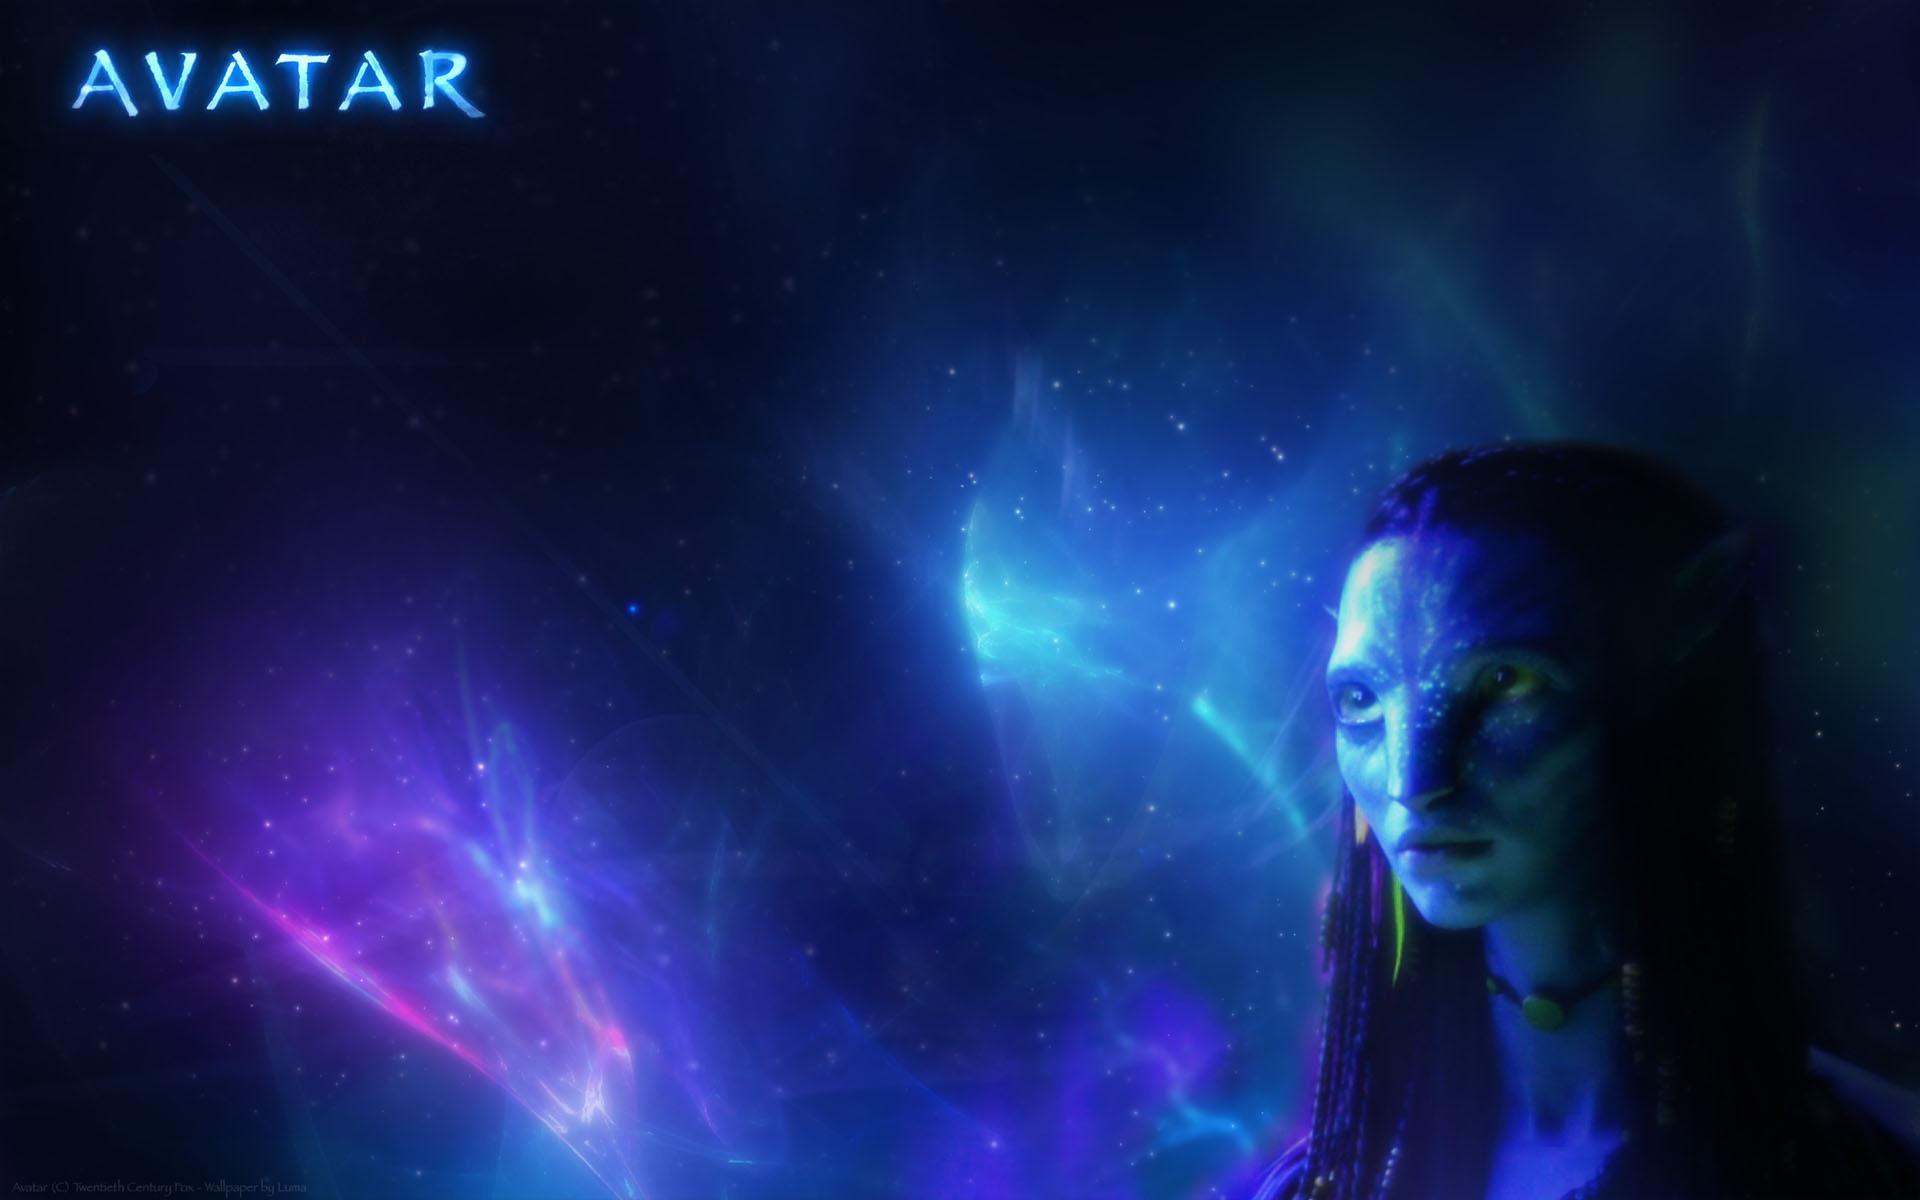 Avatar bioluminescence wallpaper